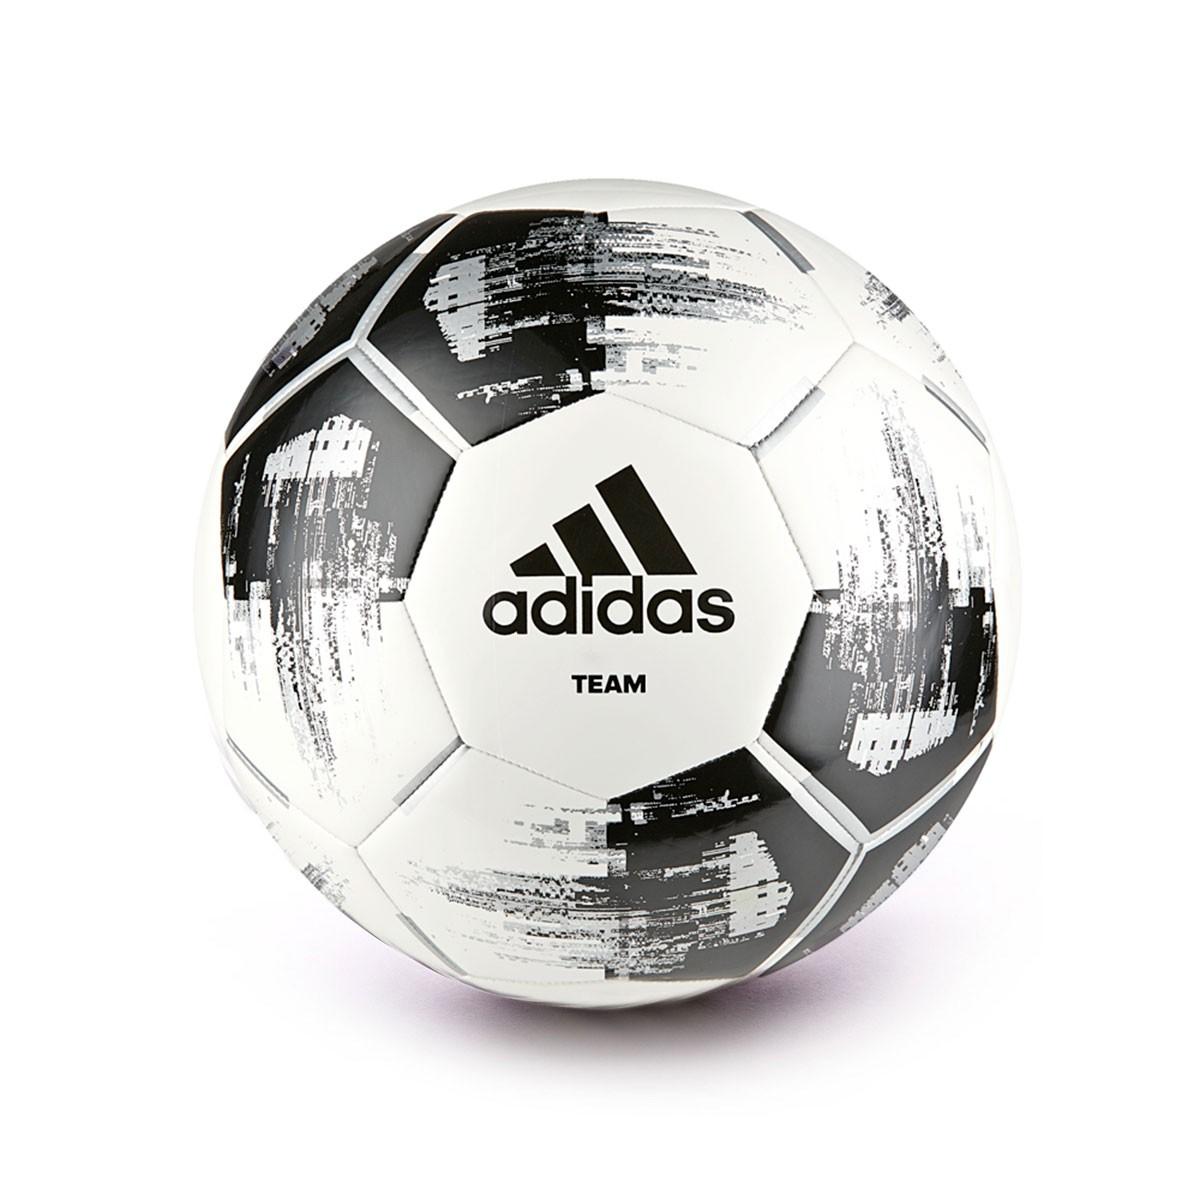 633f889b279a Ball adidas TEAM Glider White-Black - Tienda de fútbol Fútbol Emotion